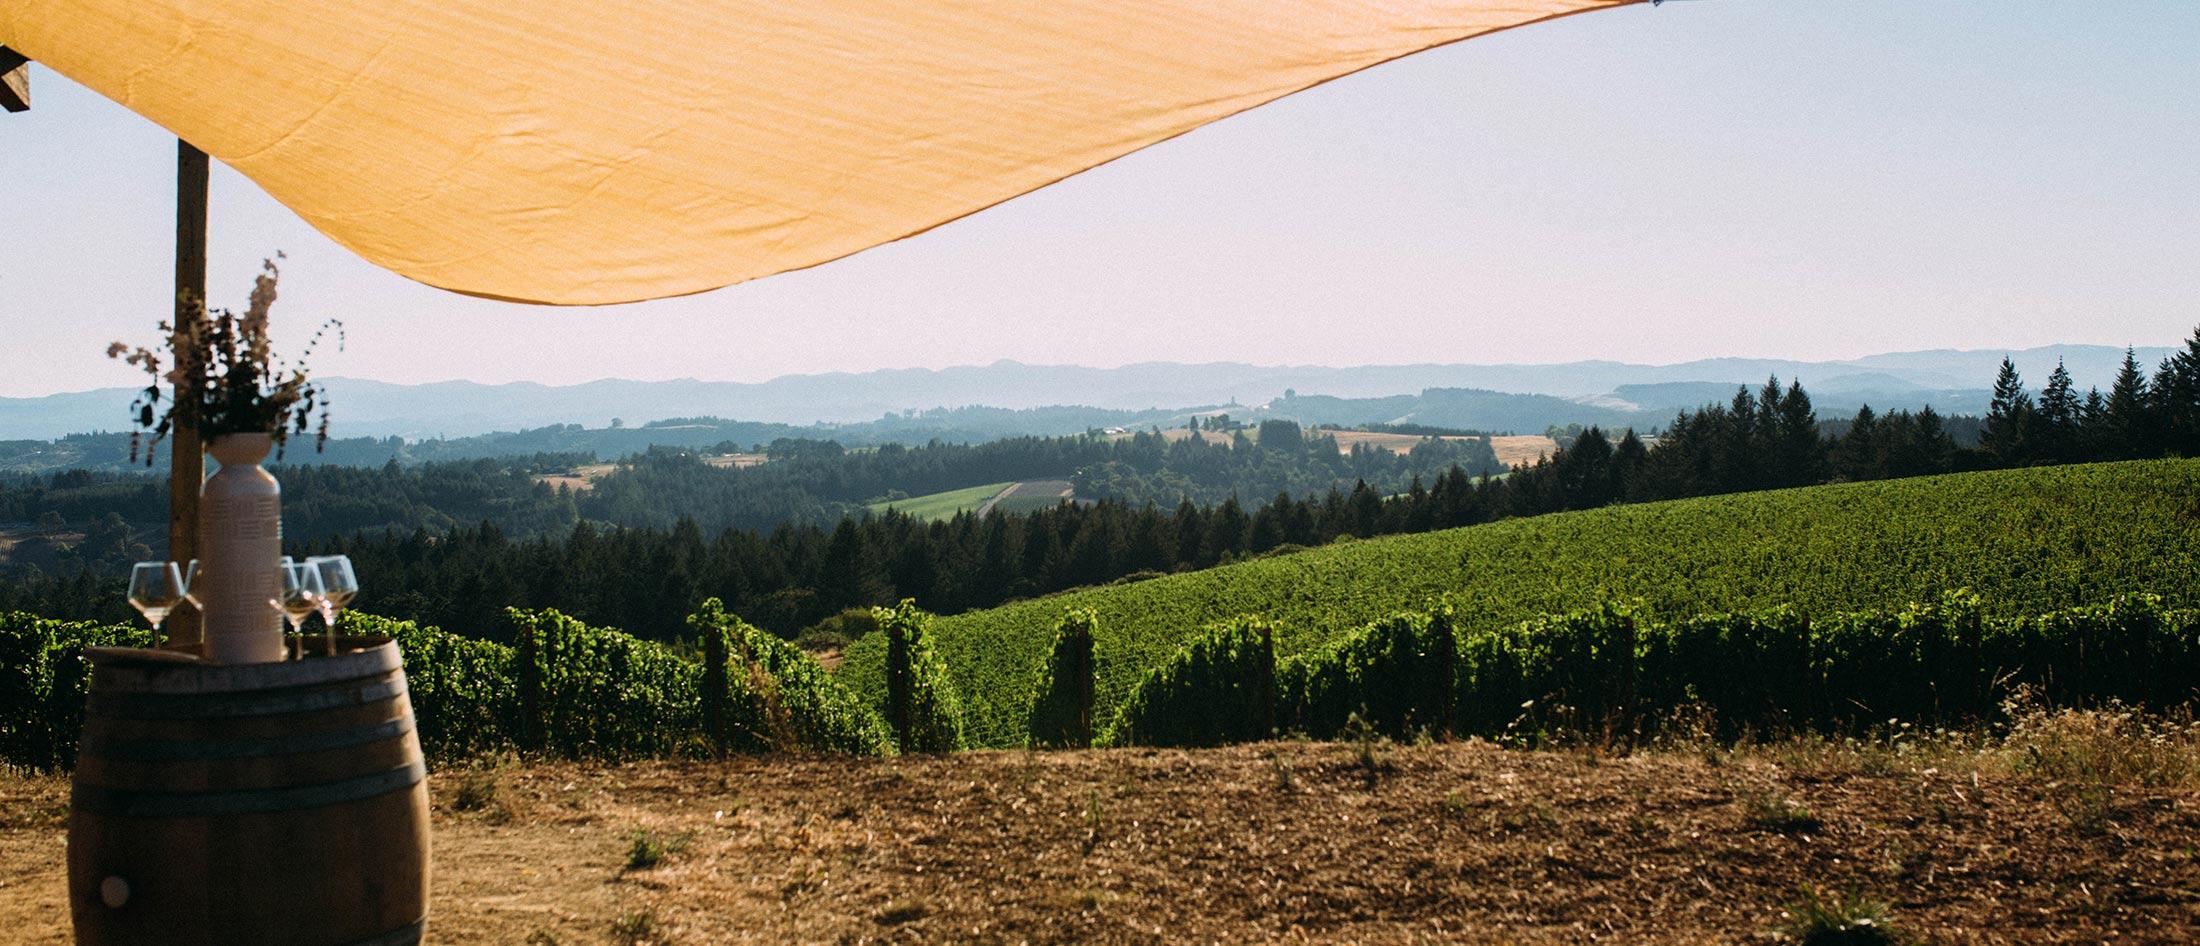 Best Oregon Vineyard Views La Belle Promenade Flâneur